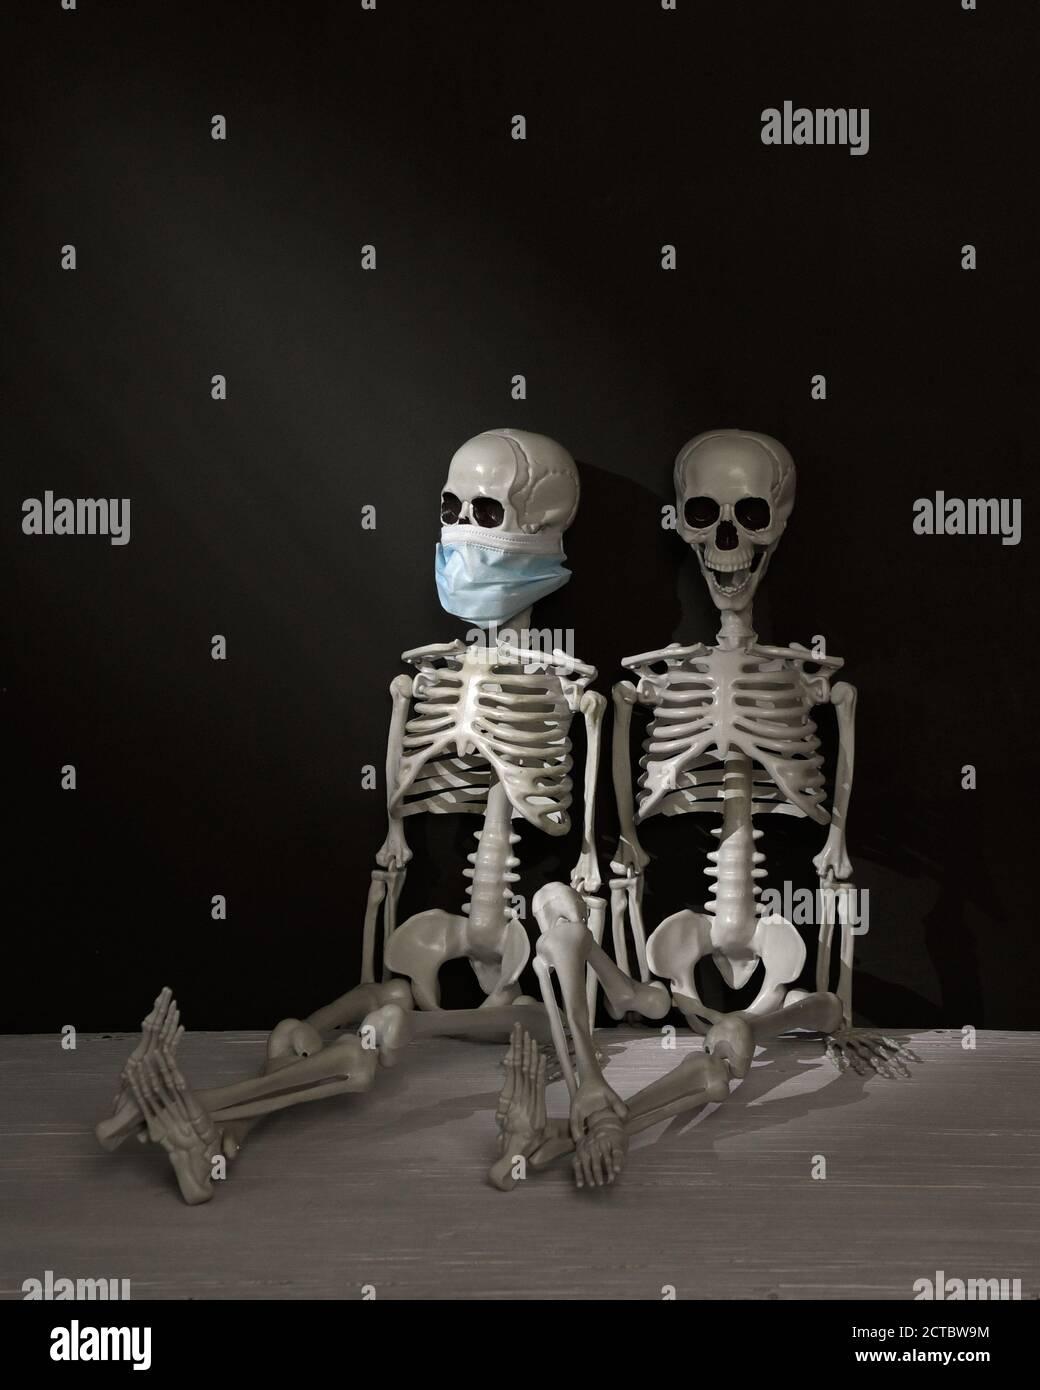 Dos Skeletons están sentados en una habitación oscura. Uno está usando una máscara y el otro no es para un concepto de humor oscuro anti máscara durante la pandemia de covid 19. Foto de stock